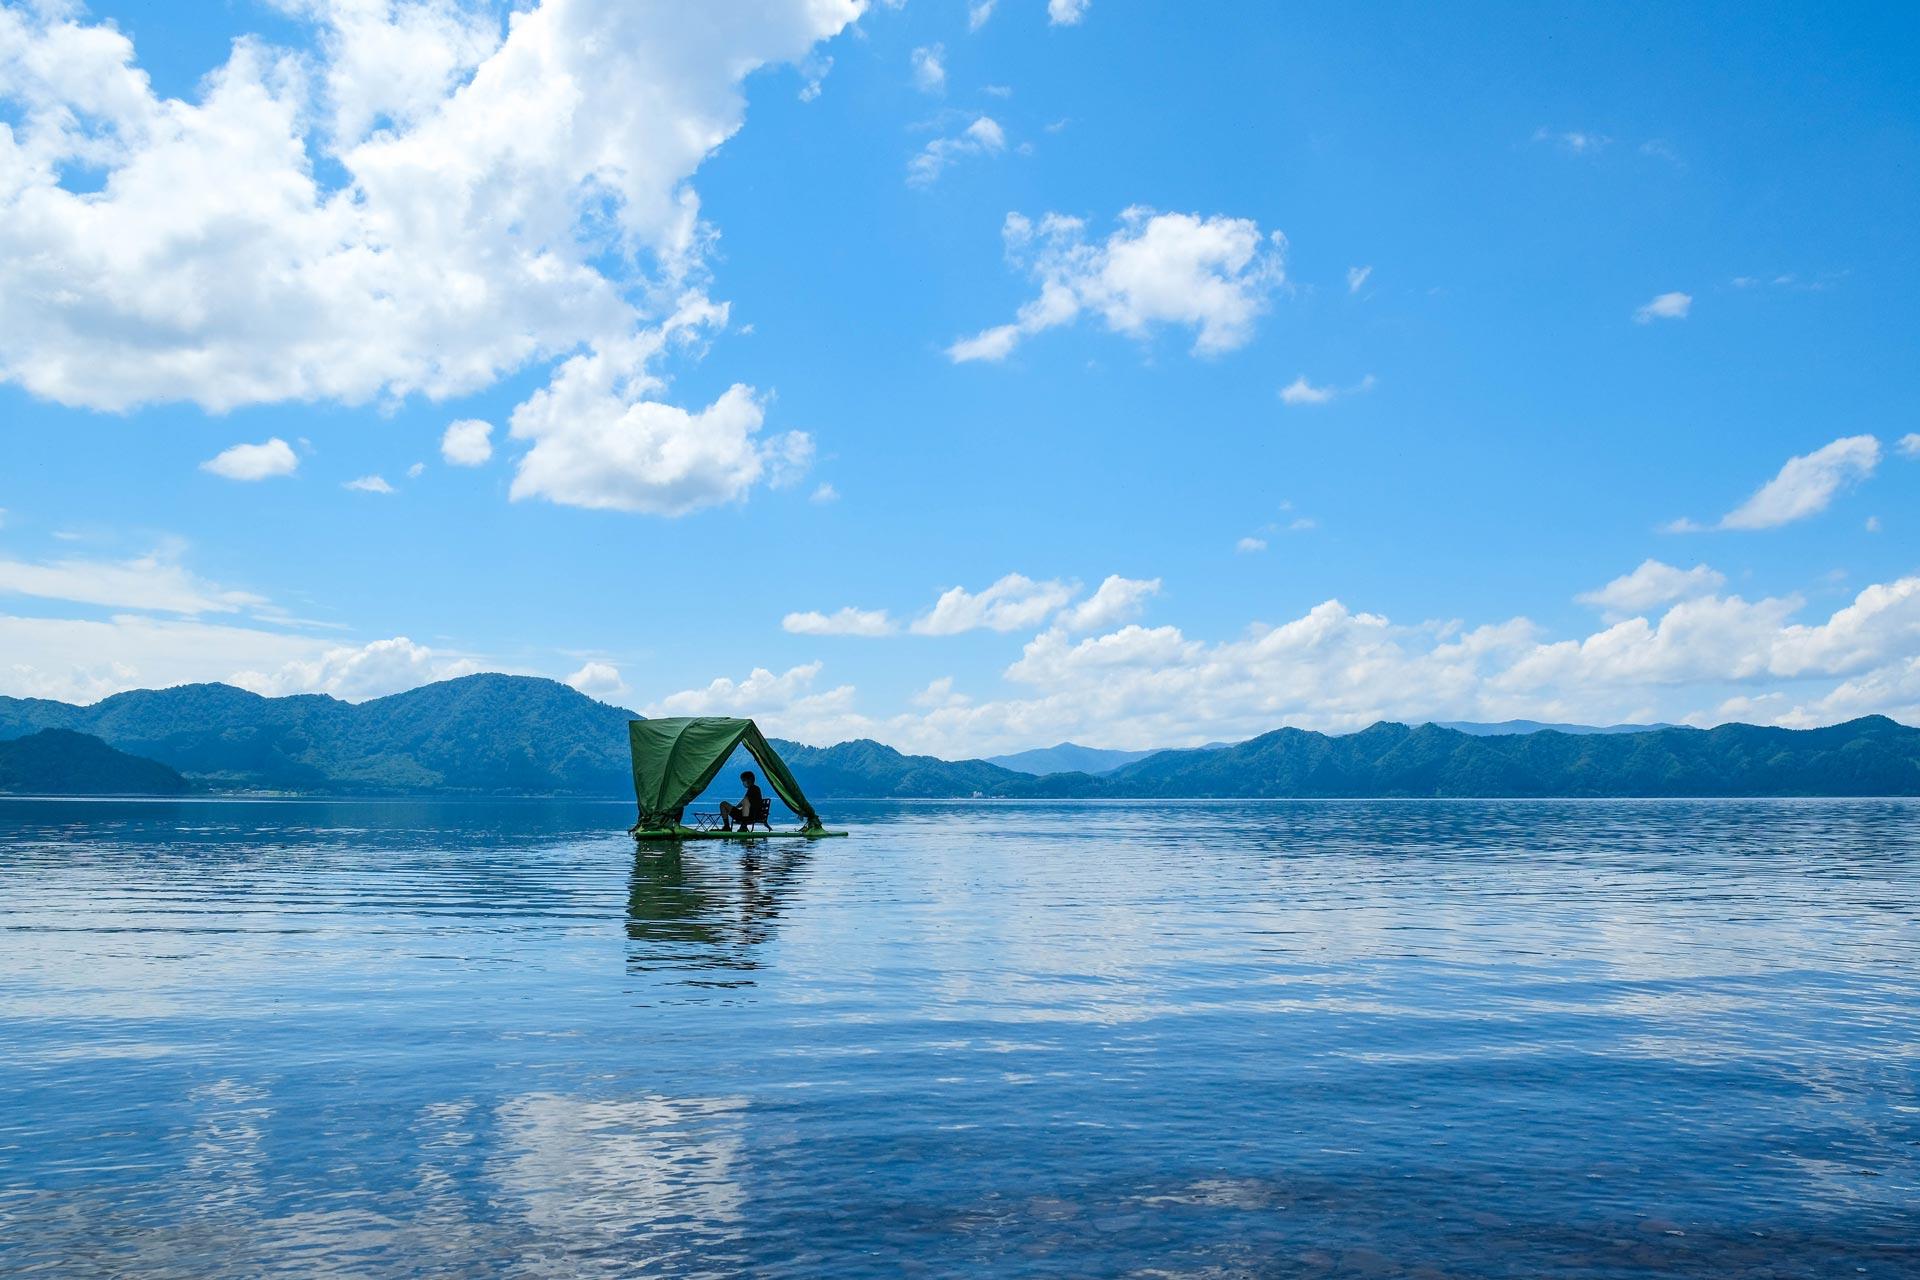 Voyage estival à Semboku, dans la préfecture d'Akita: Tazawako, Nyuto Onsen et Kakunodate